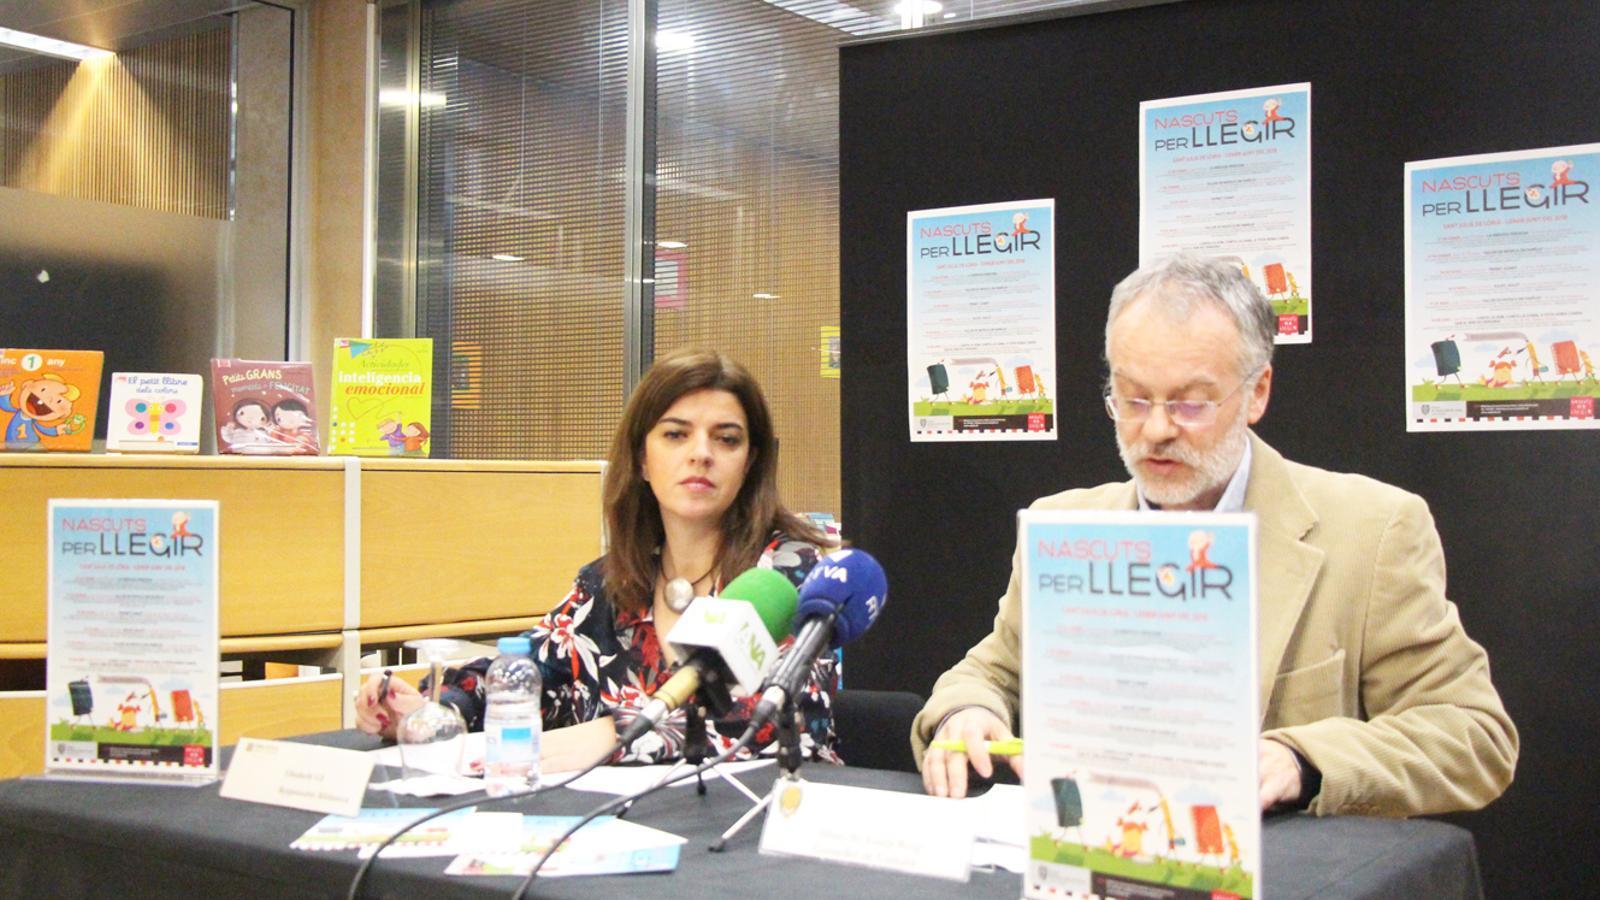 El conseller de Cultura del comú de Sant Julià de Lòria, Josep Roig, i la responsable de la biblioteca laurediana, Elisabeth Gil, en la presentació del 21è cicle 'Nascuts per llegir'. / E. J. M. (ANA)